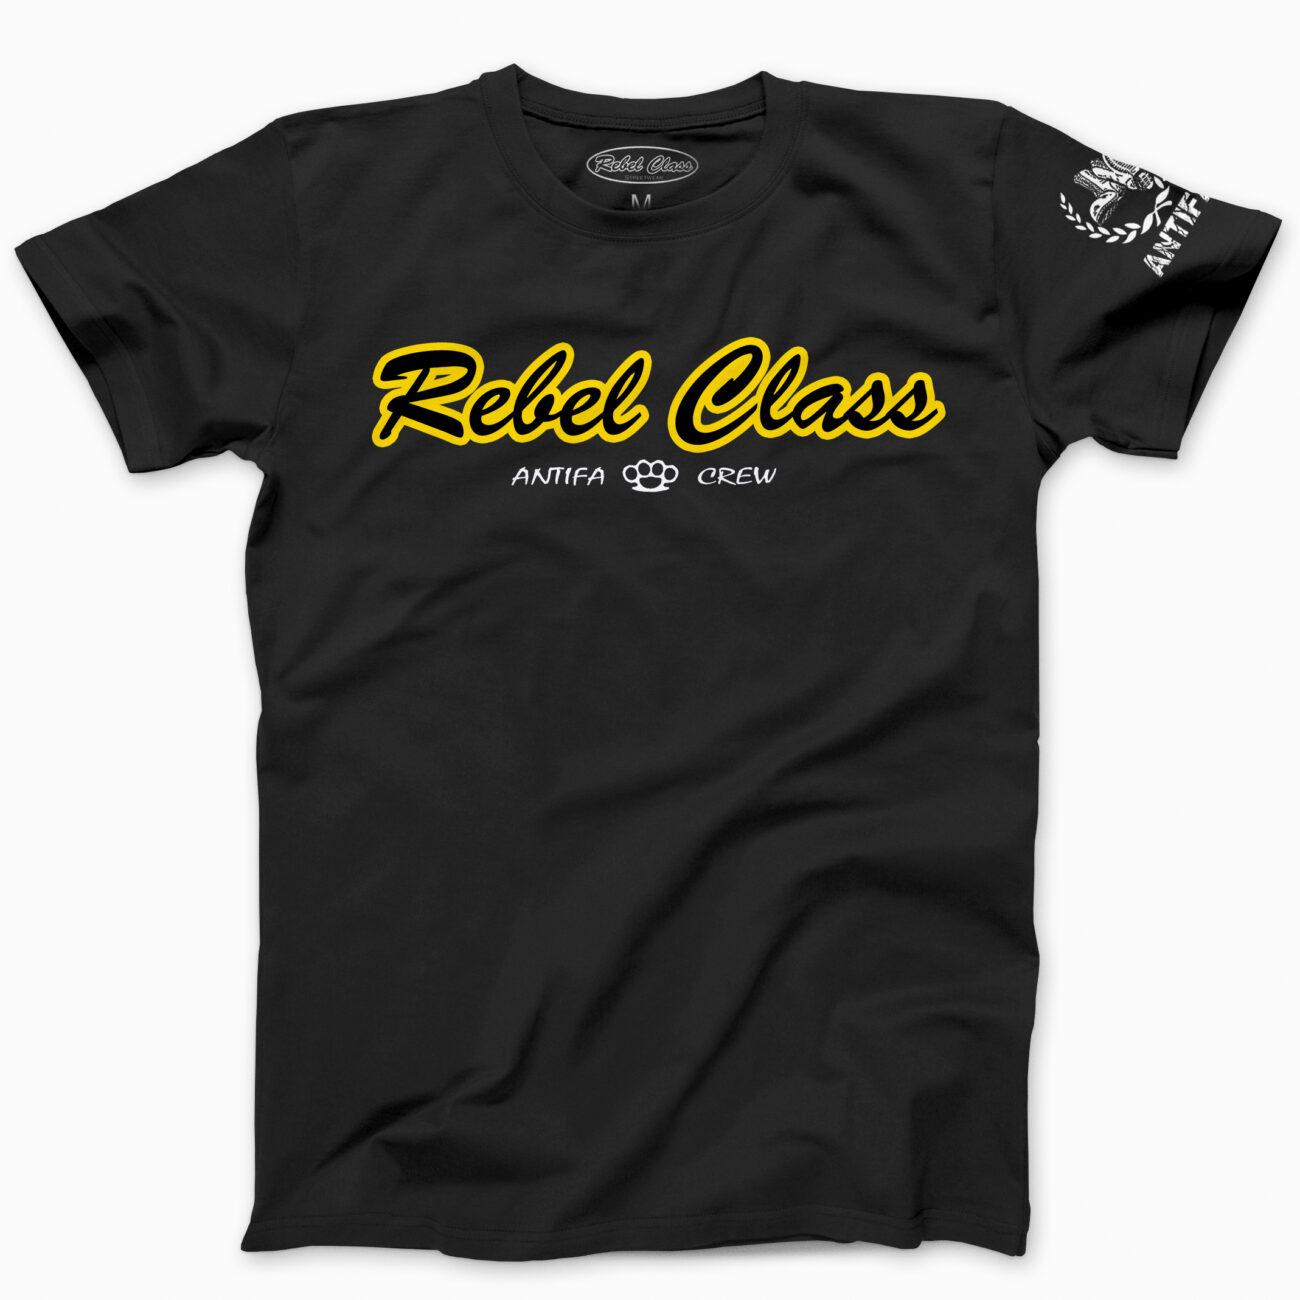 REBEL CLASS – Camiseta unisex ANTIFA CREW (varios colores) - 12,90€